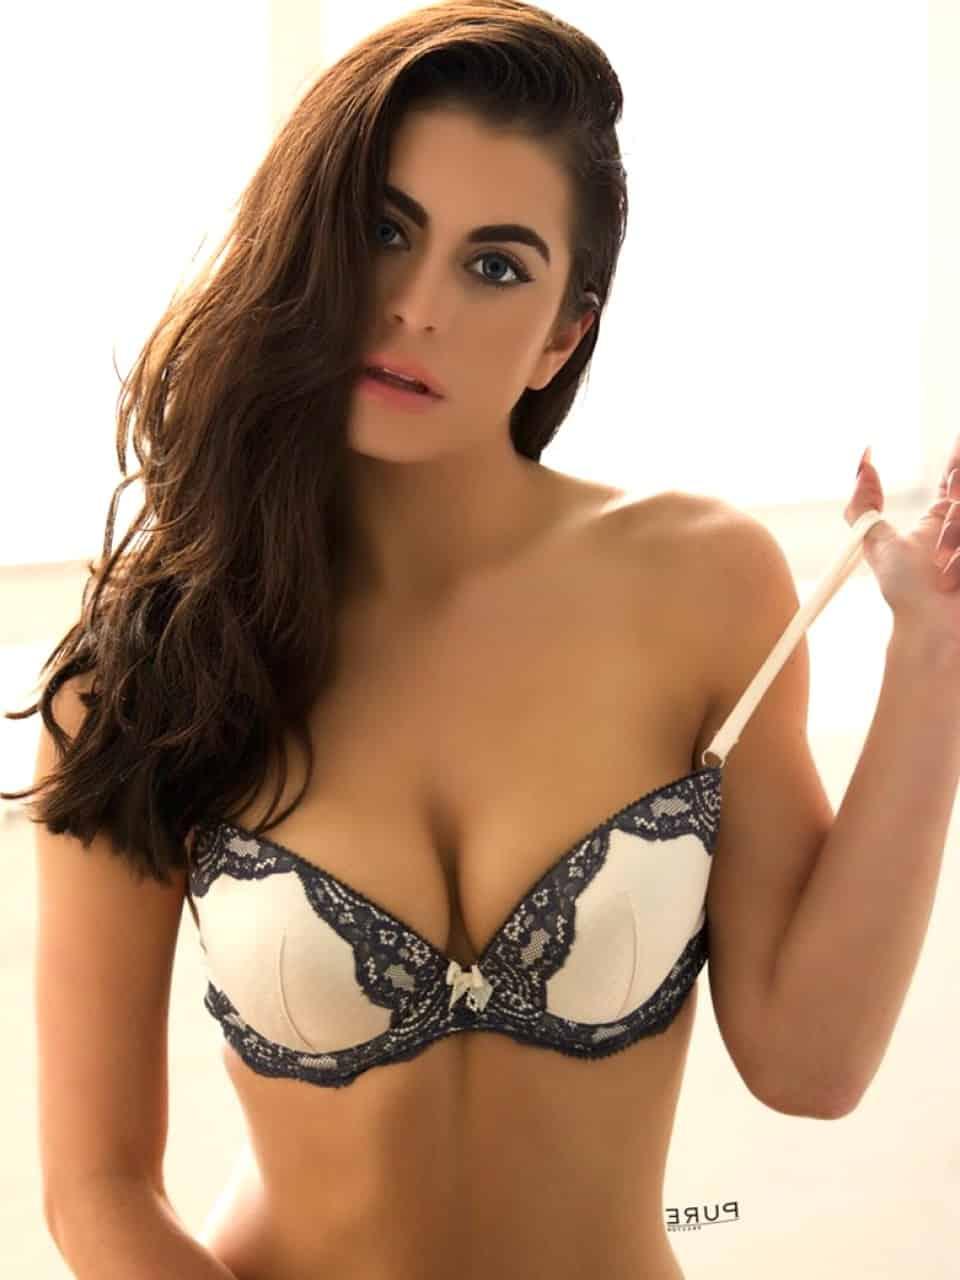 Paris escort girl - Camille